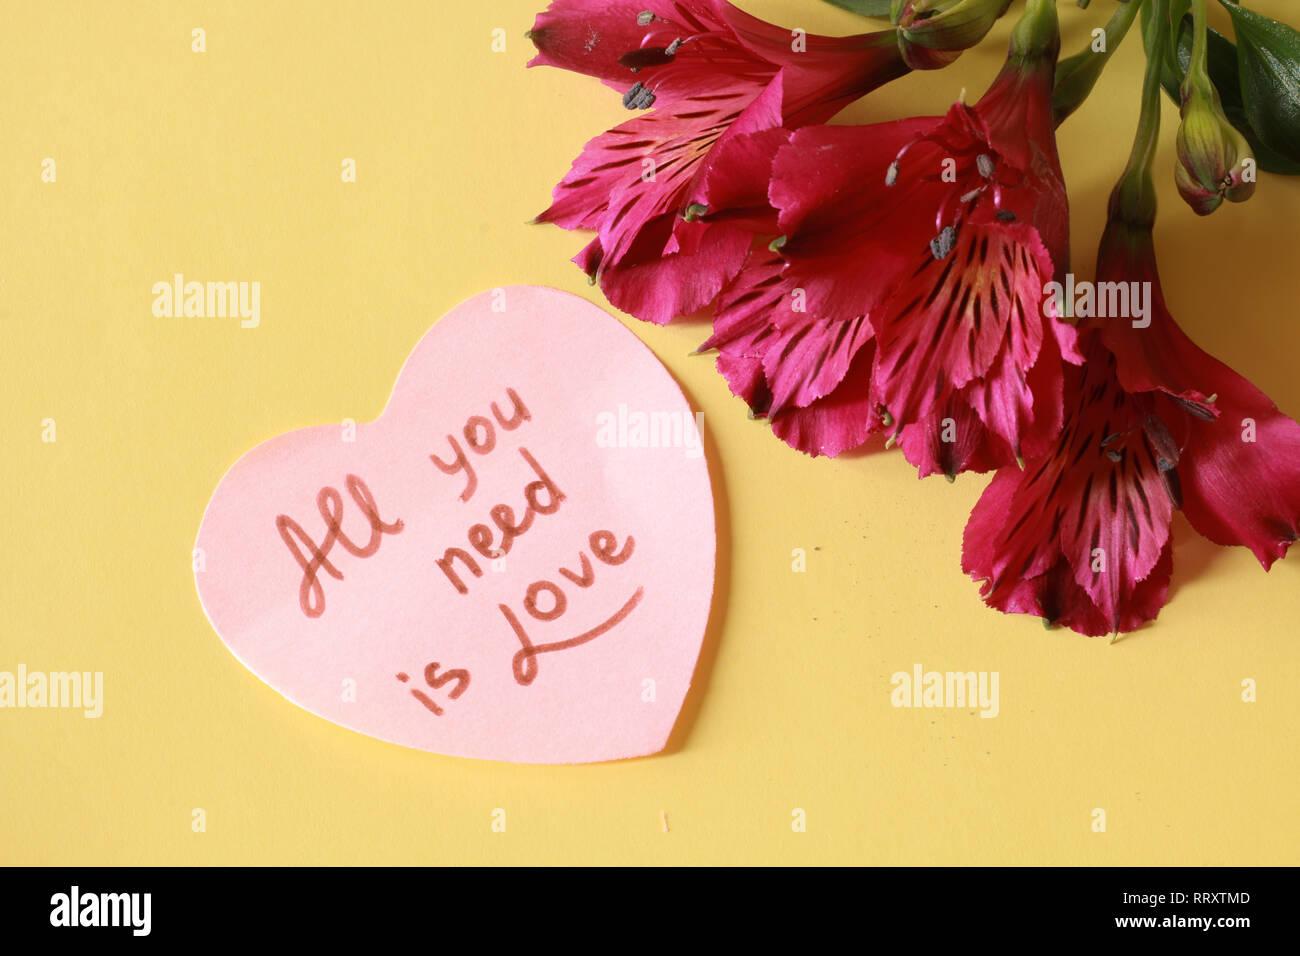 Todo lo que necesitas es amor ... Foto de stock